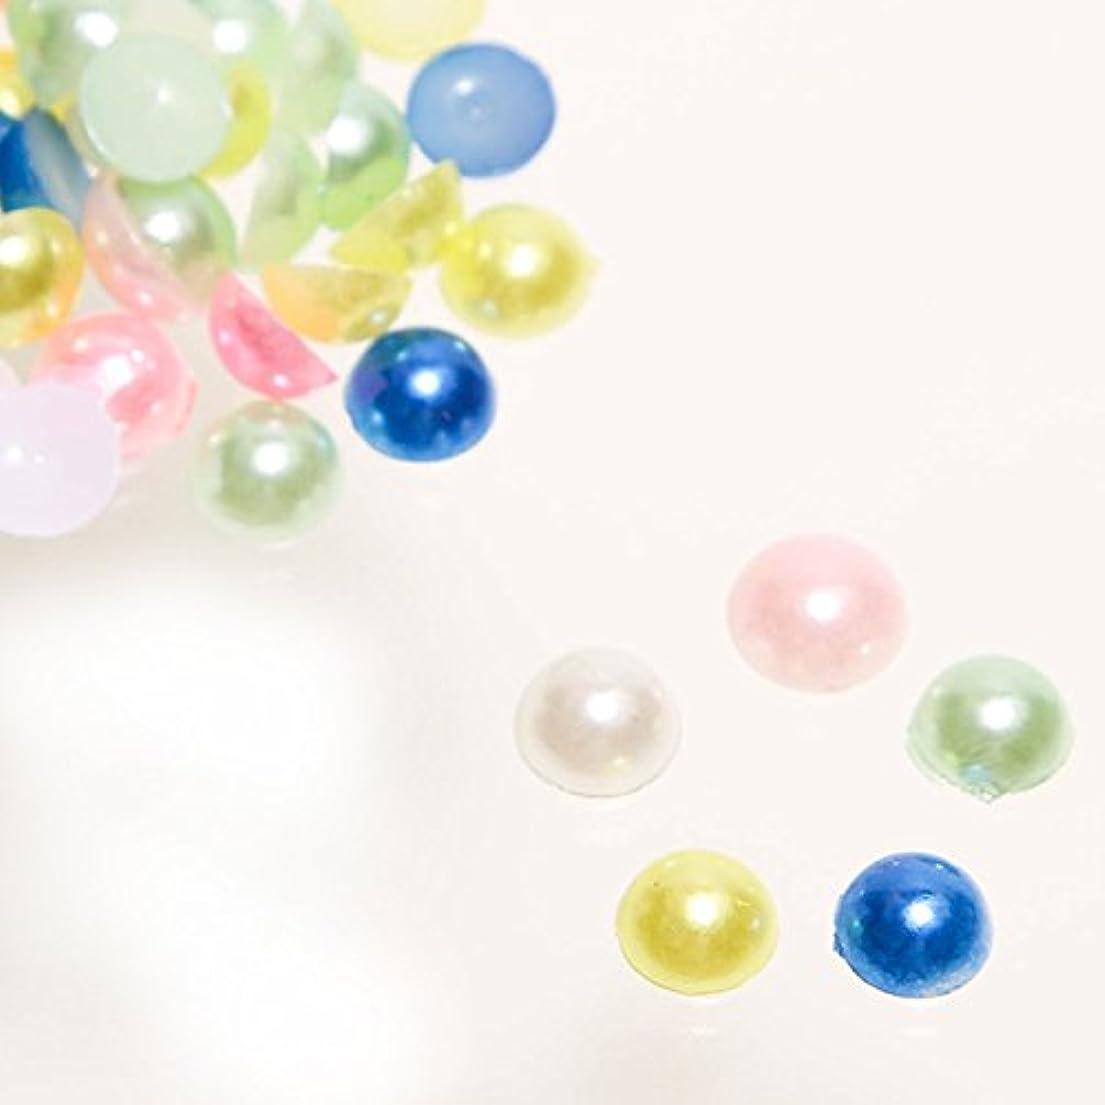 地殻樫の木ホールドパール 全色ミックス マルポコ パールストーン 半球 (サイズ選択可能)【ラインストーン77】 (6mm(200粒))